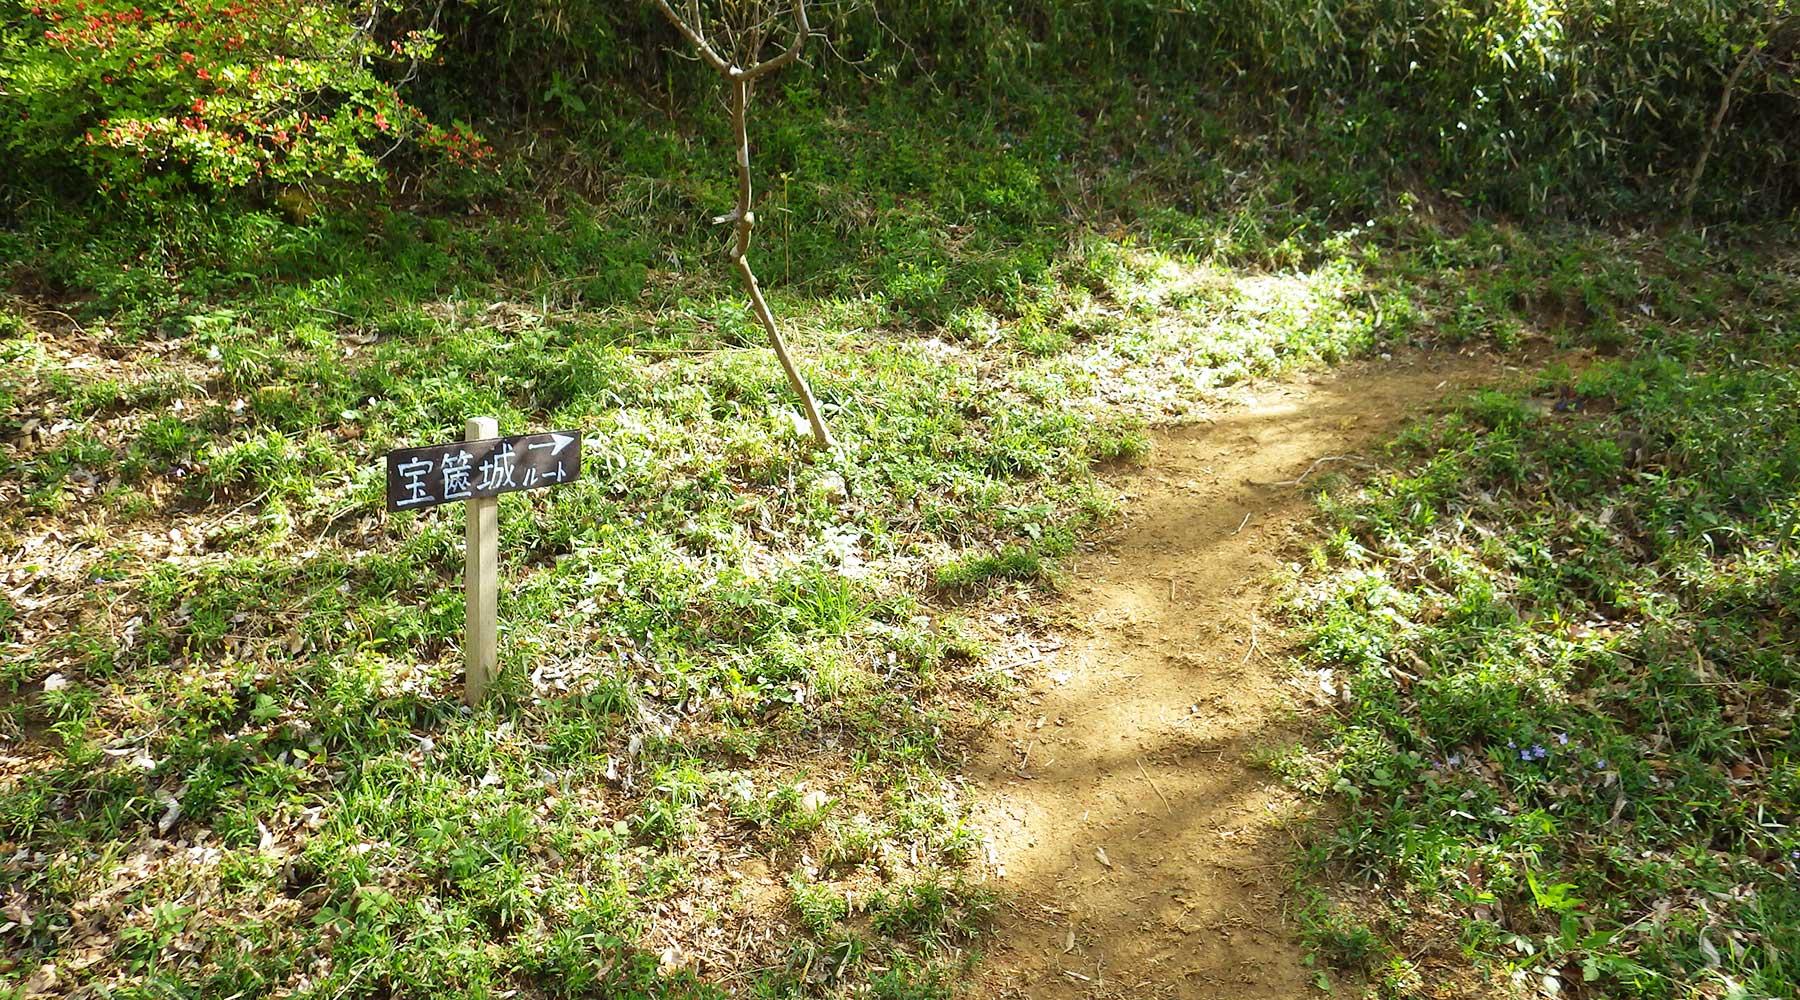 宝篋城跡に通ずるルート